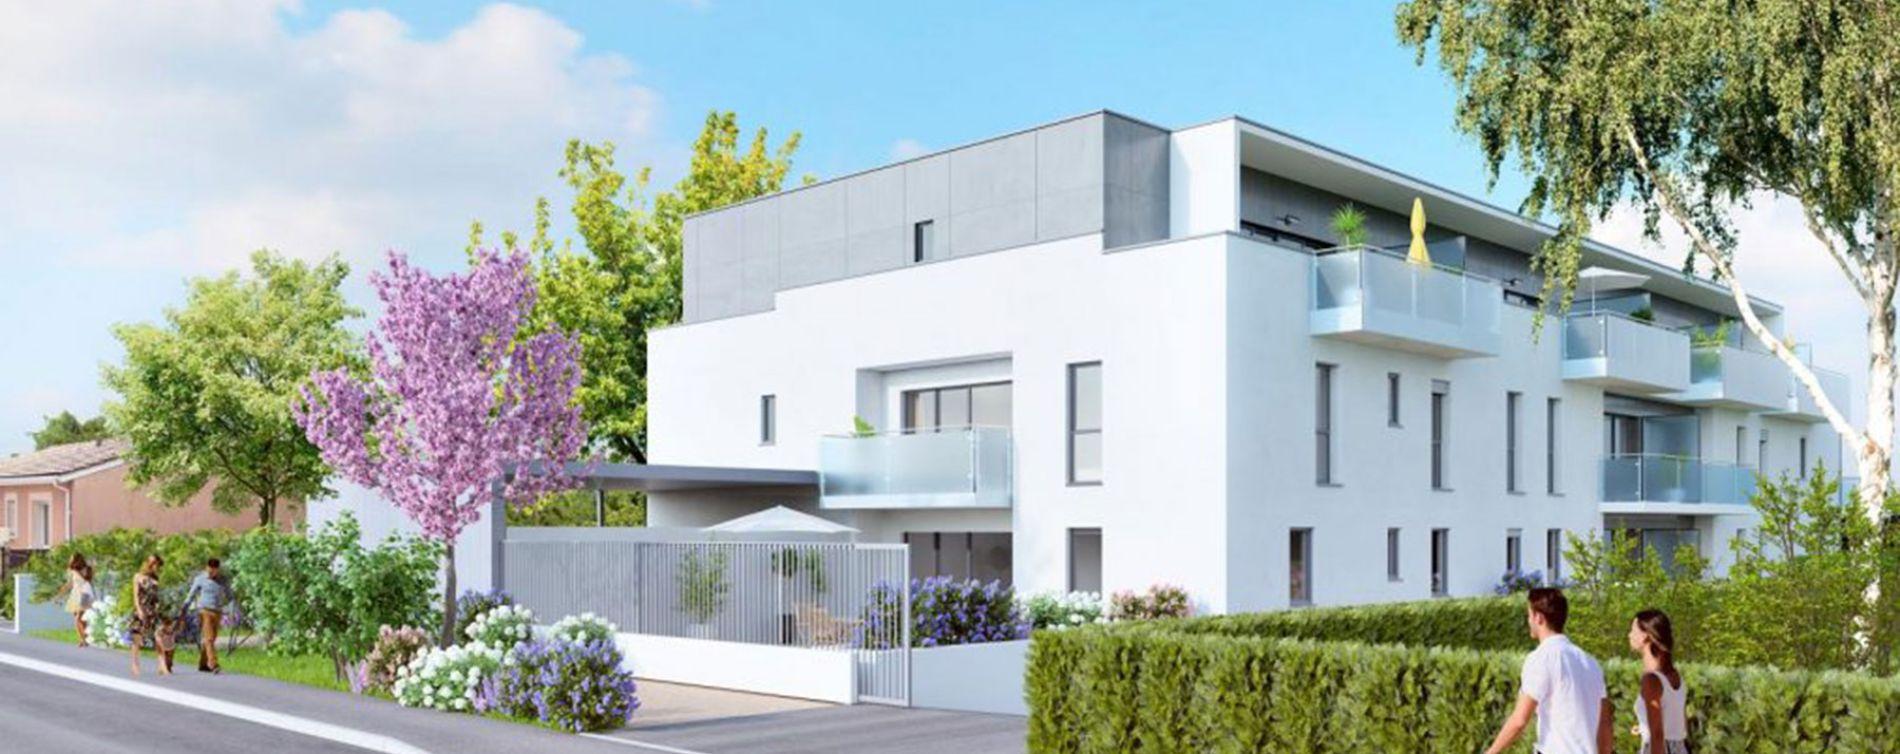 Résidence Villa Verde à Mérignac